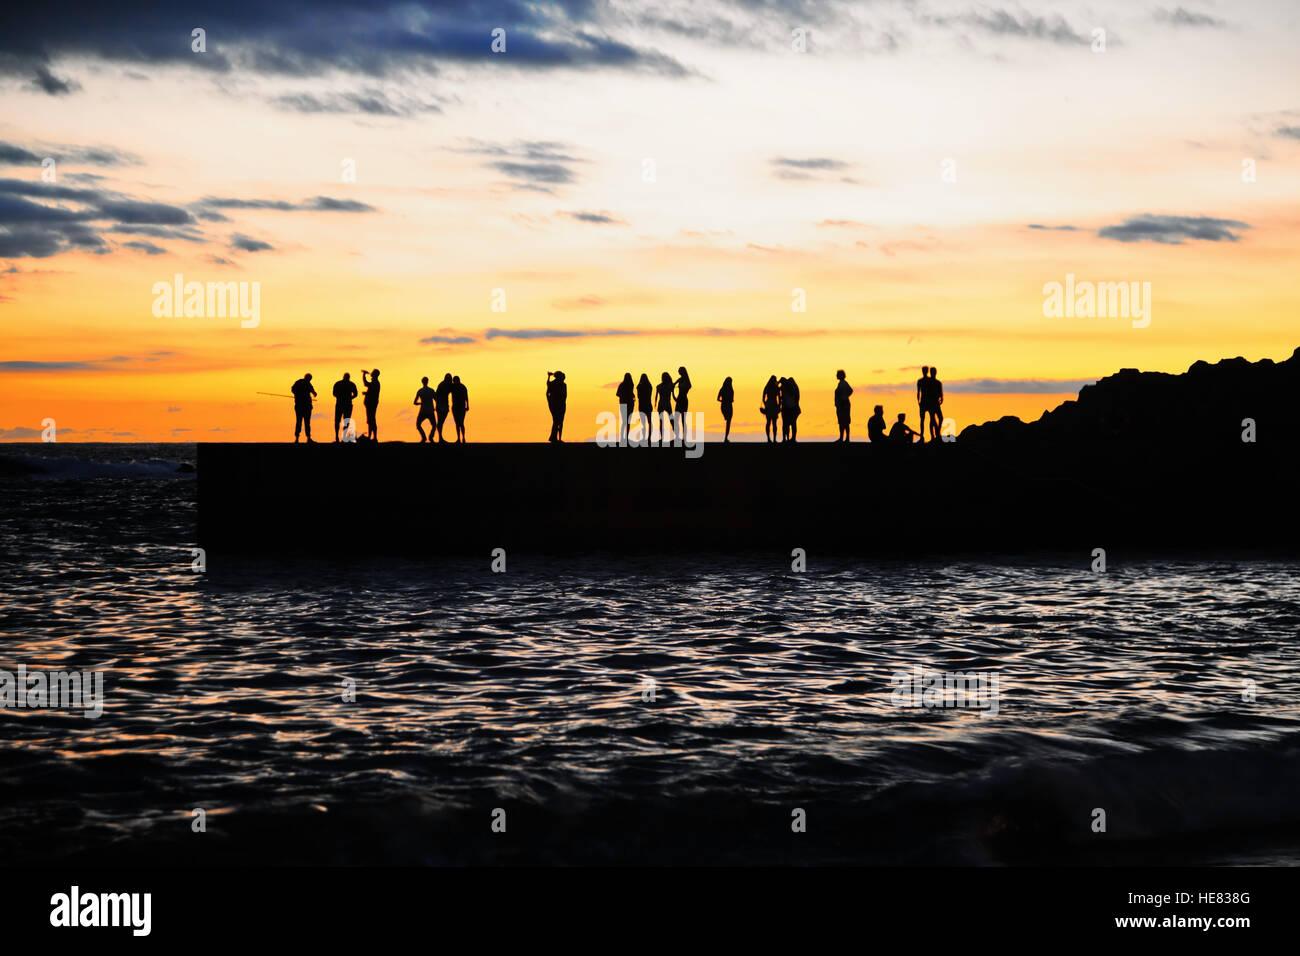 Les gens silhouettes sur le quai de la mer au coucher du soleil. Secteur de l'île de Ténérife. Espagne Banque D'Images